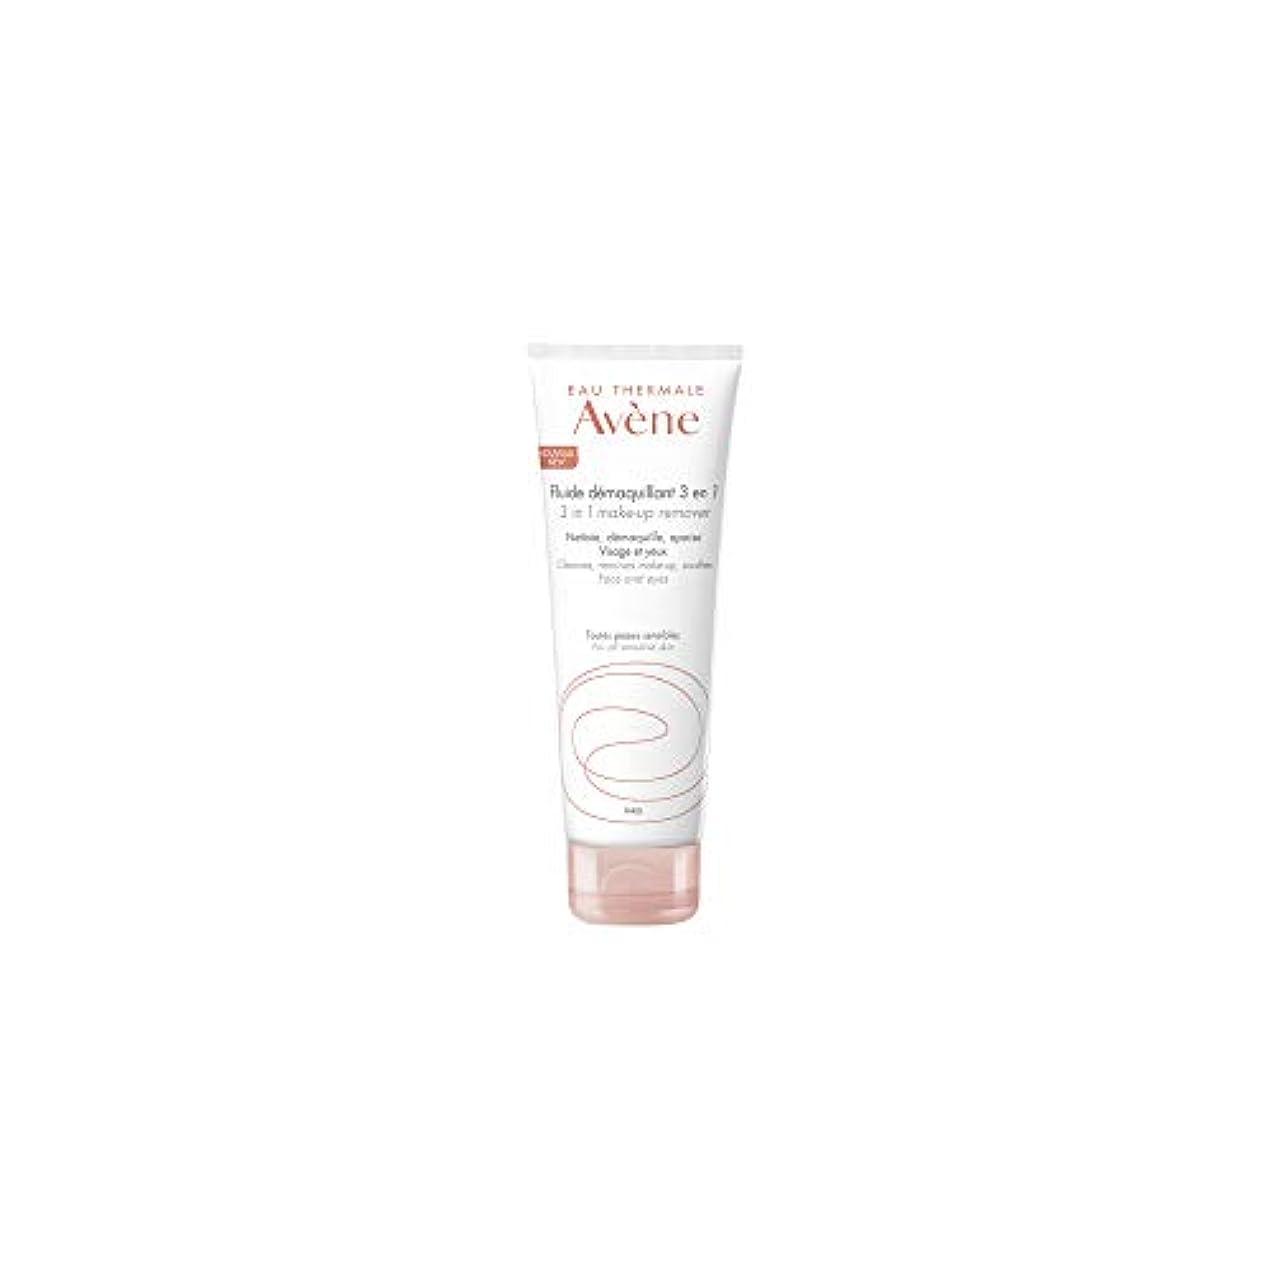 パーティーテレックス温室アベンヌ 3 In 1 Make-Up Remover (Face & Eyes) - For All Sensitive Skin 200ml/6.7oz並行輸入品